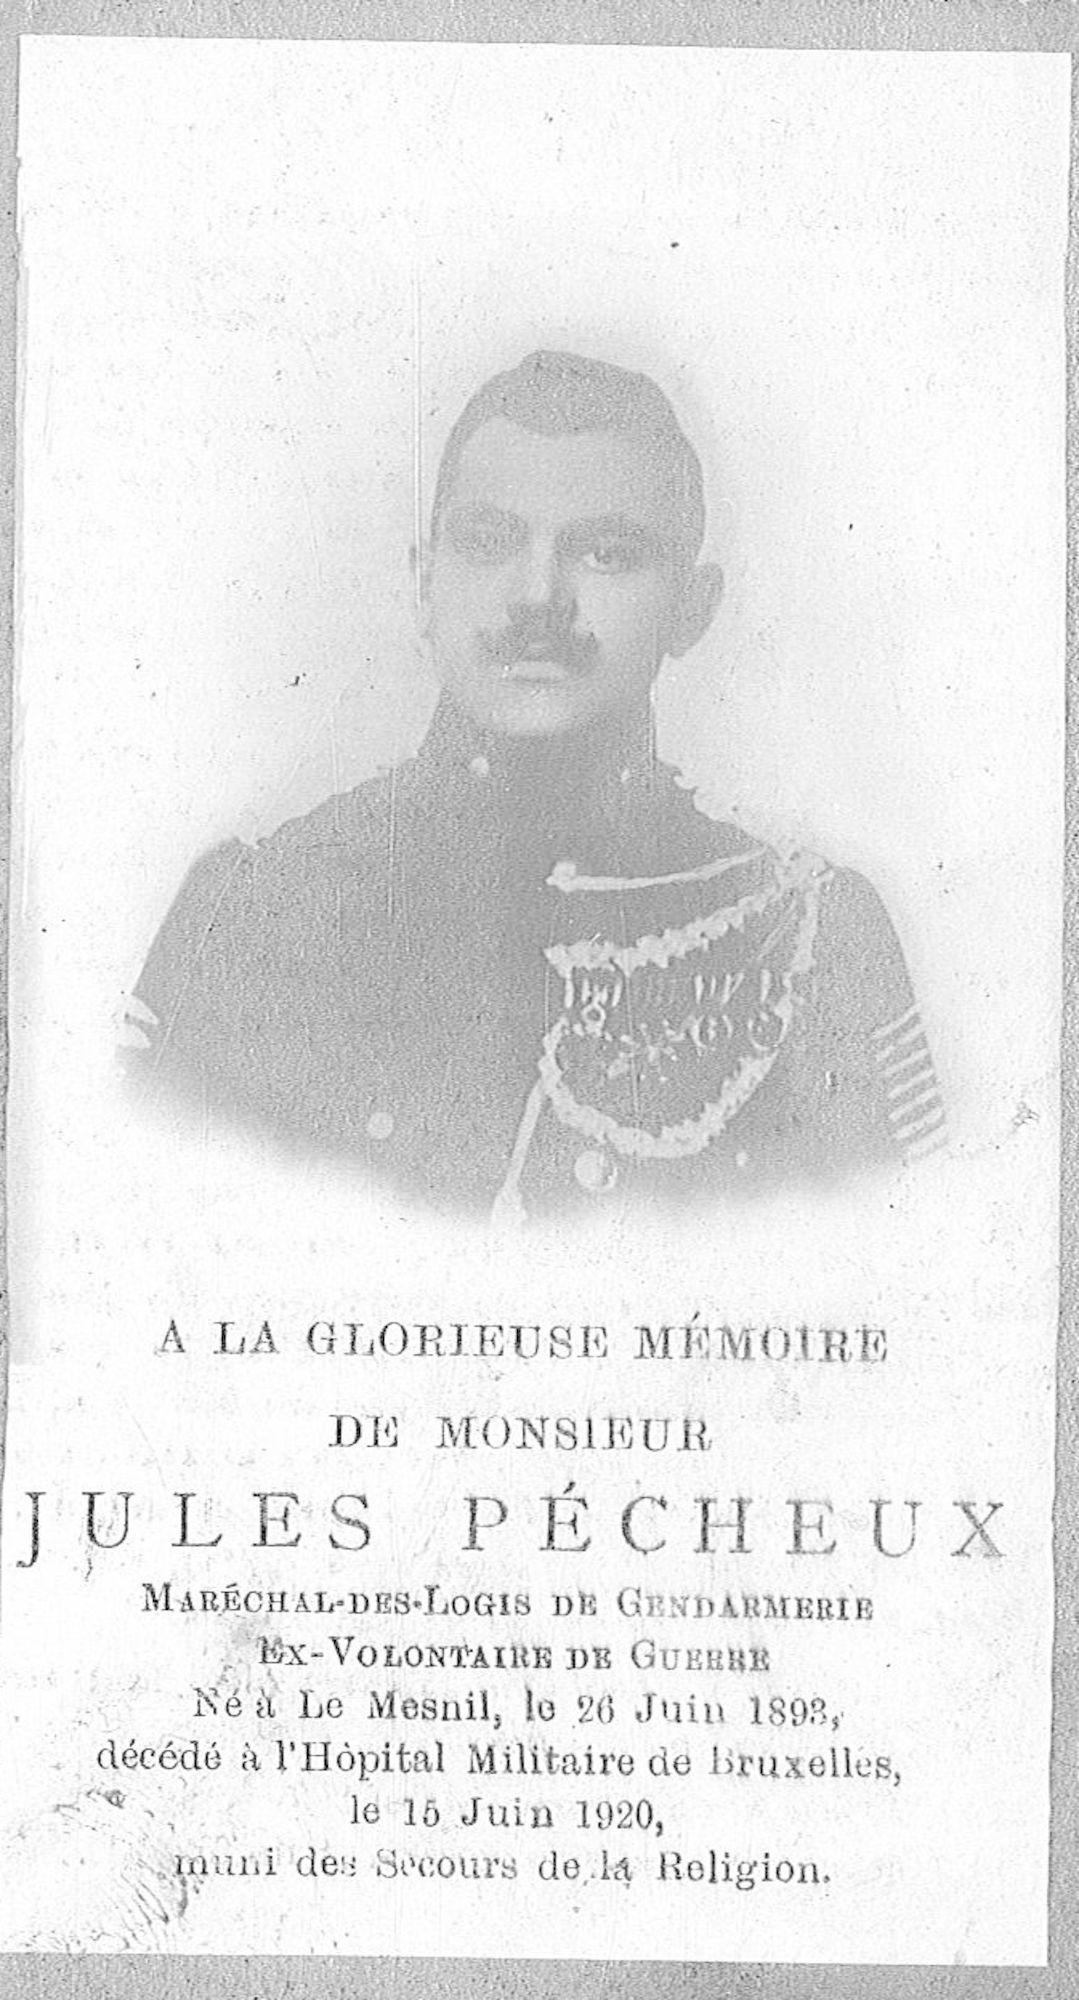 Pécheux Jules